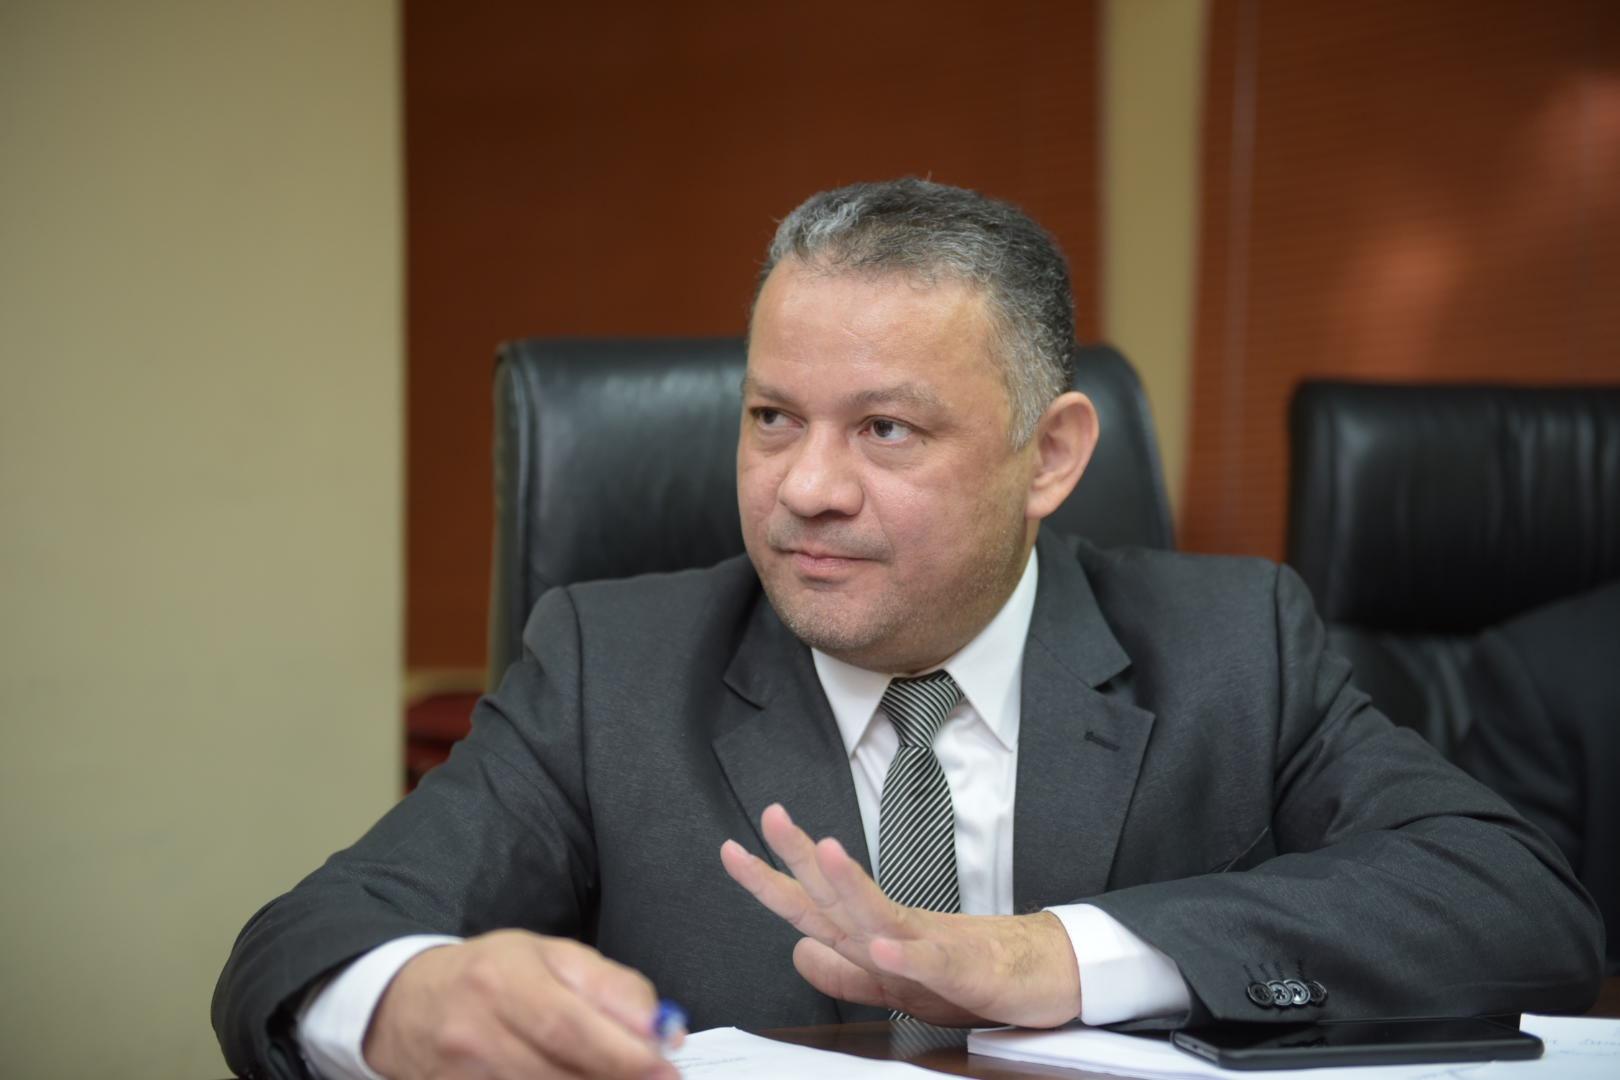 Governo apresenta proposta de Reforma da Previdência estadual